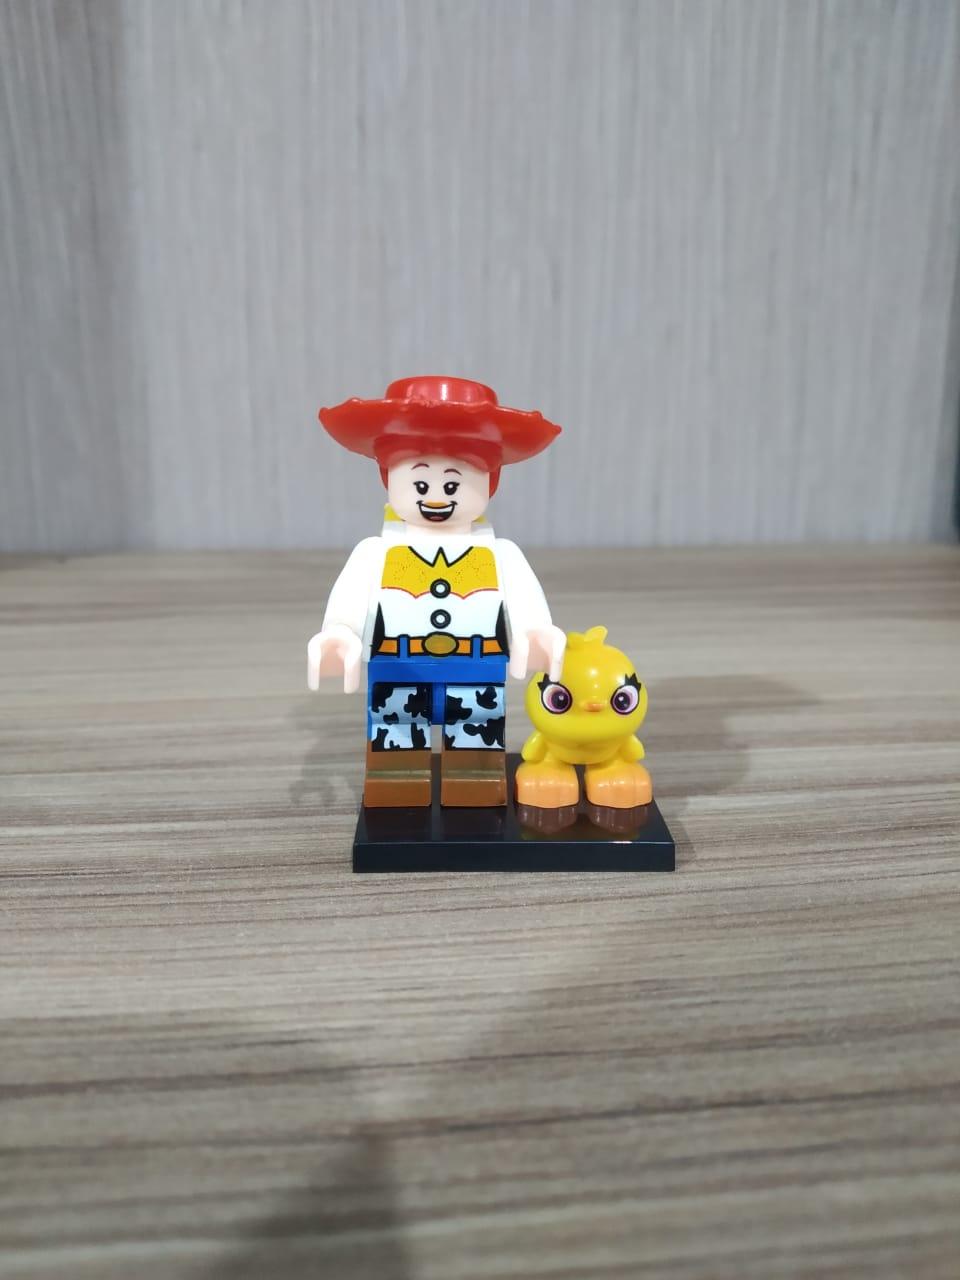 LEGO: Jessie - Toy Story